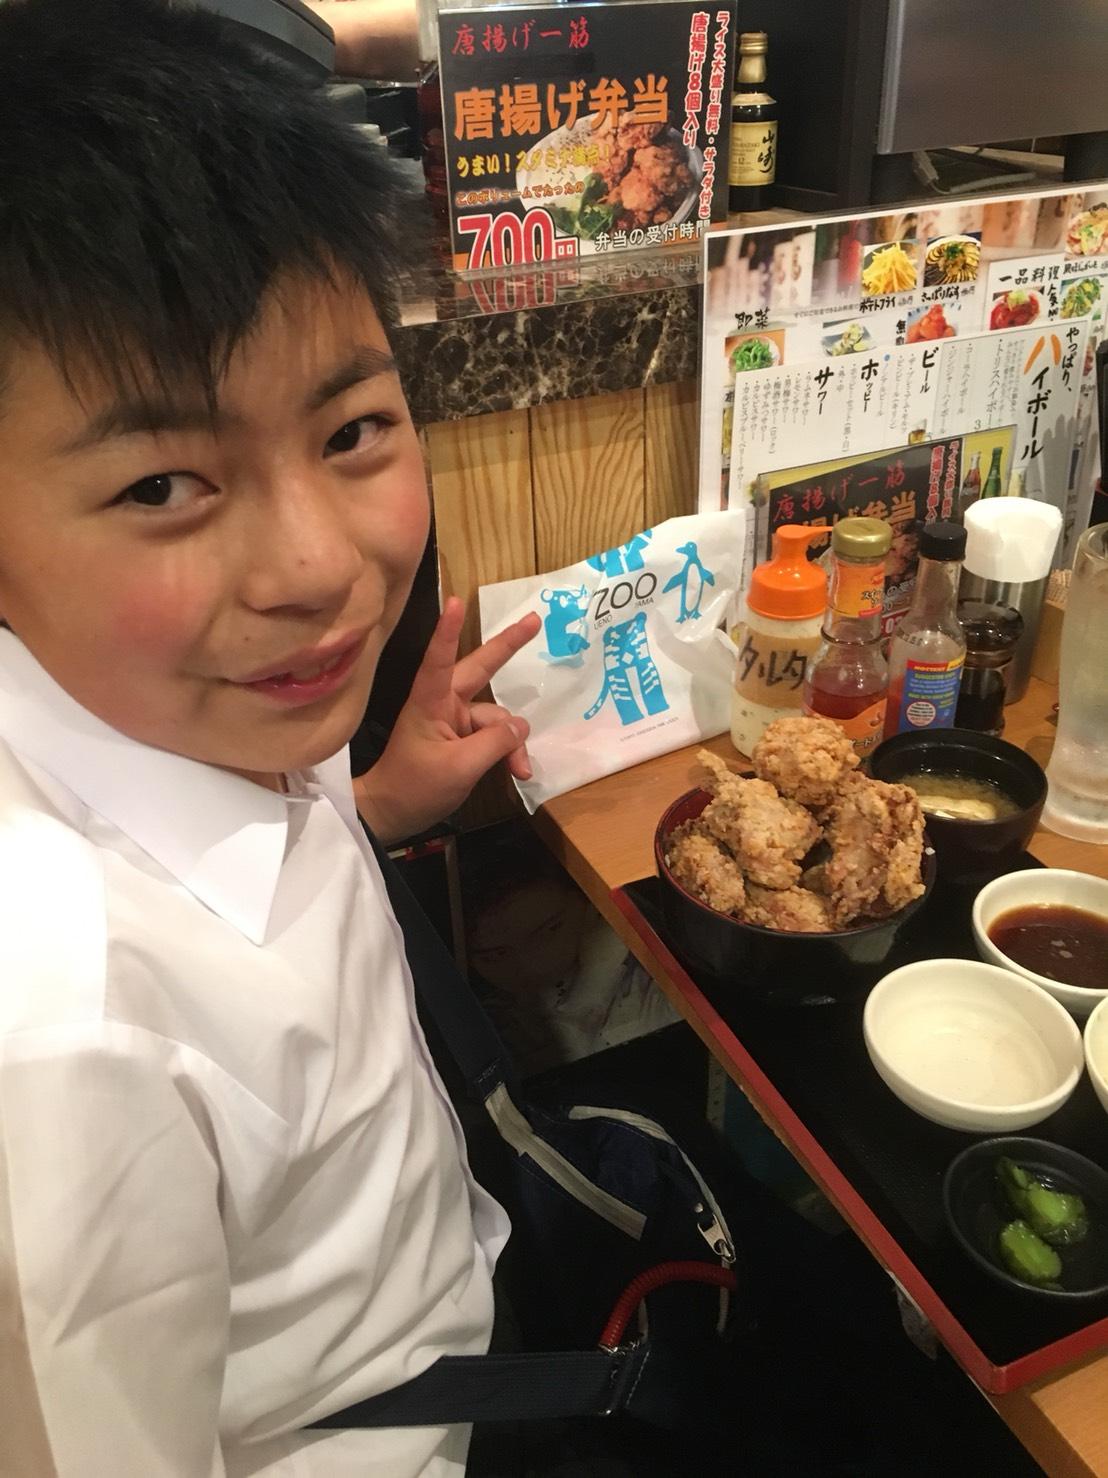 http://www.kitashitara.jp/toyone-jh/1526528321709.jpg